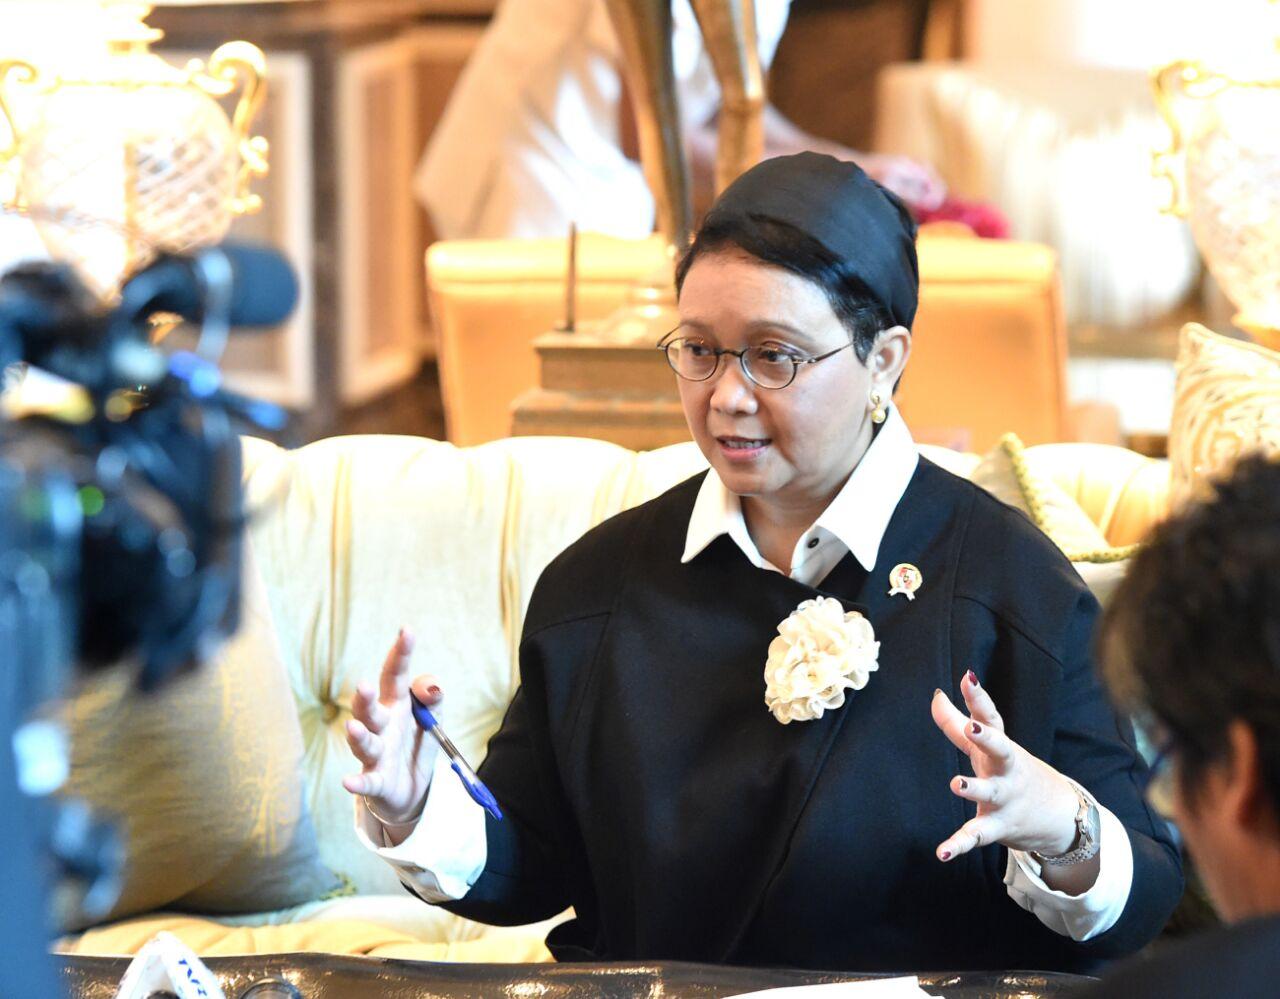 Kunjungan ke Mesir, Menlu Retno Akan Bertemu Imam Besar Al-Azhar